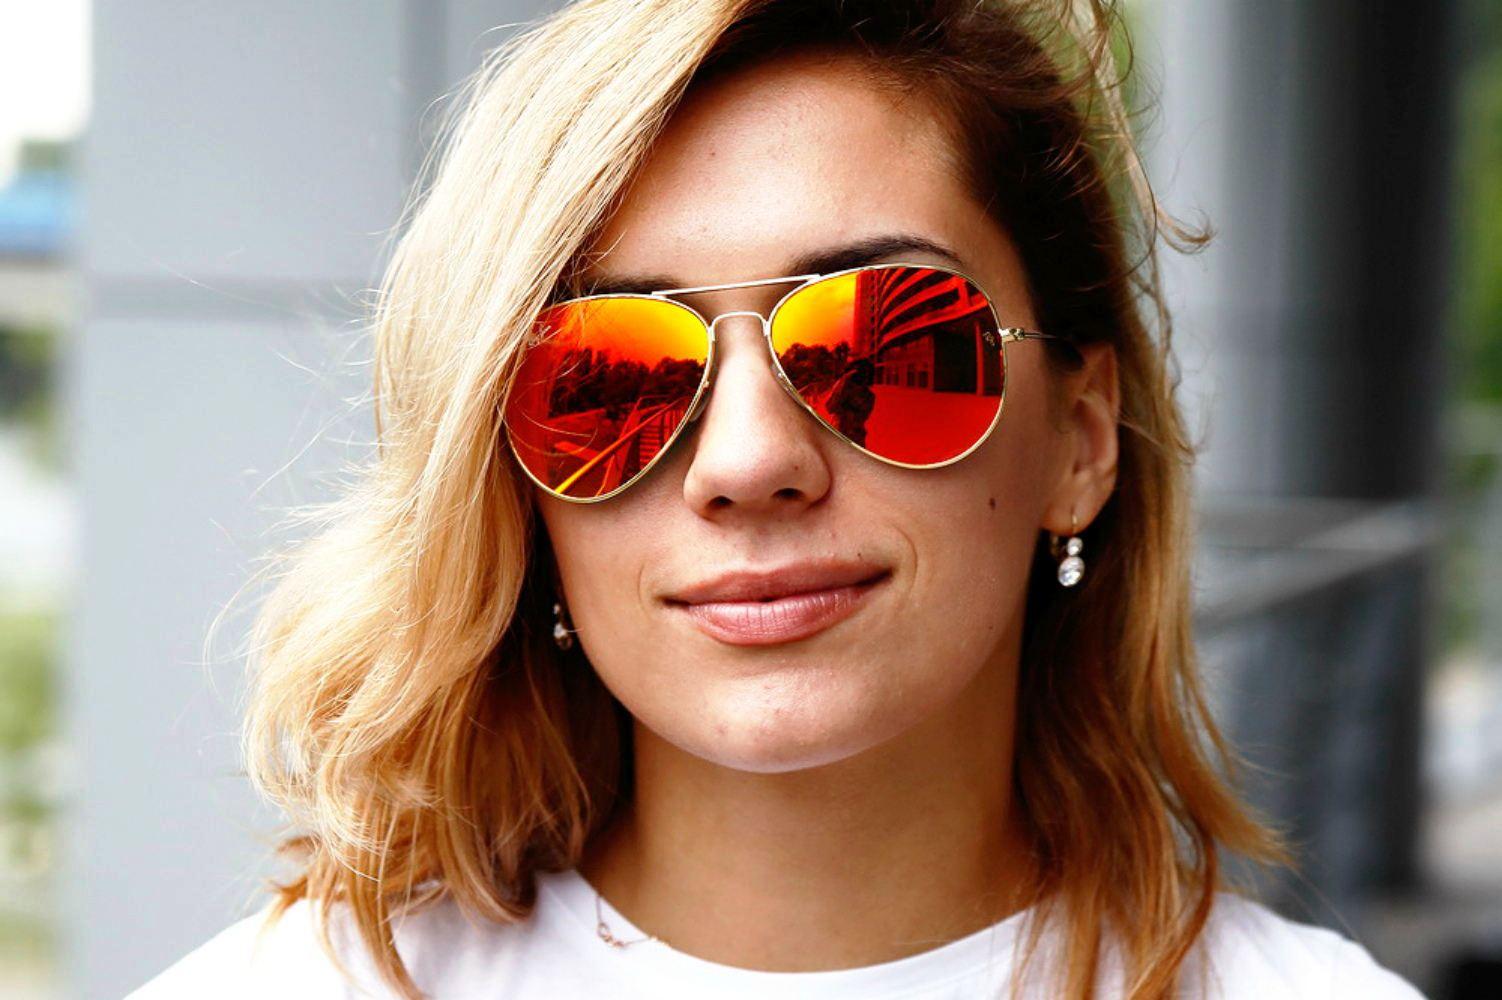 Открытки скоро, картинки девушки в очках от солнца